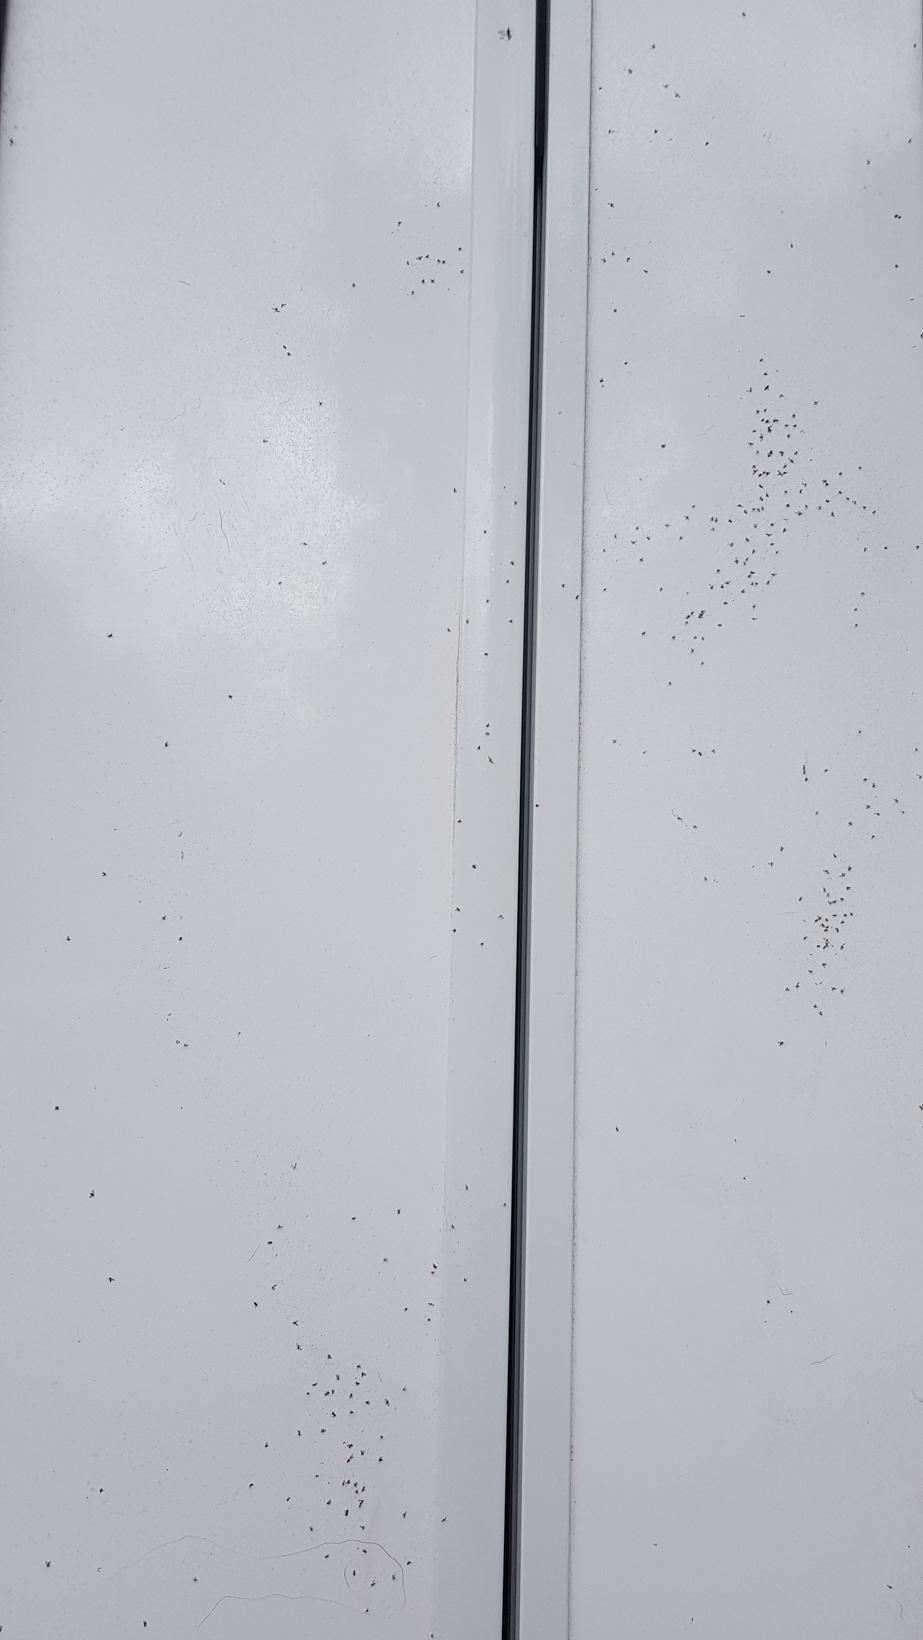 Midges_Schottland_Mücken_Plage_Erfahrungen_Wohnmobil